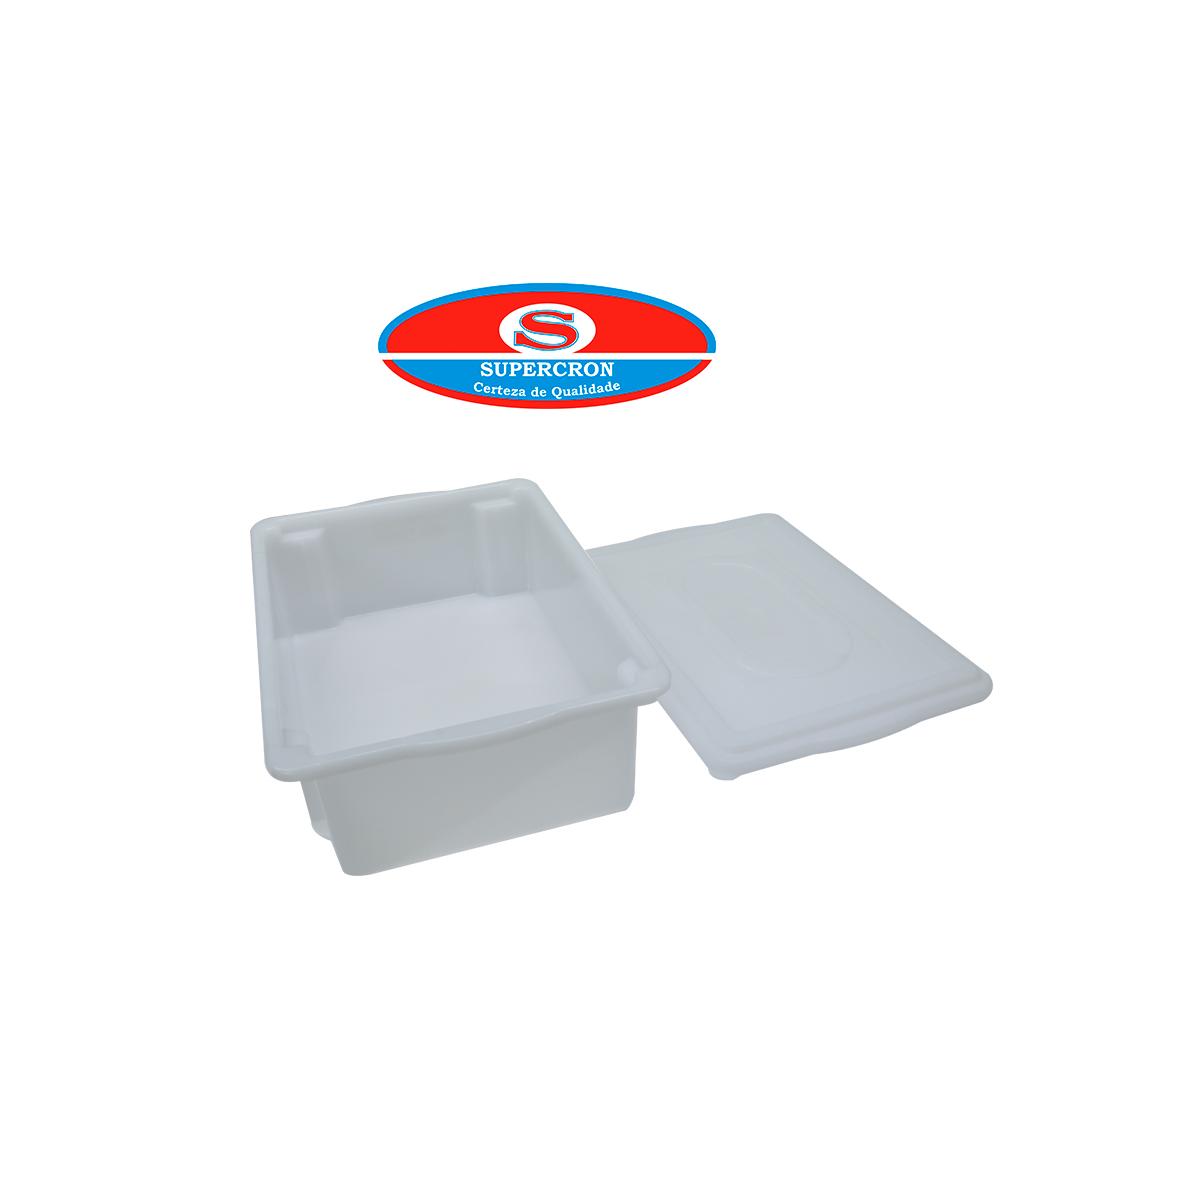 Kit 6 Un Caixa S/500 C/tpa 11l (41x29x12,5) - Empilhavel  - LZ COZINHA